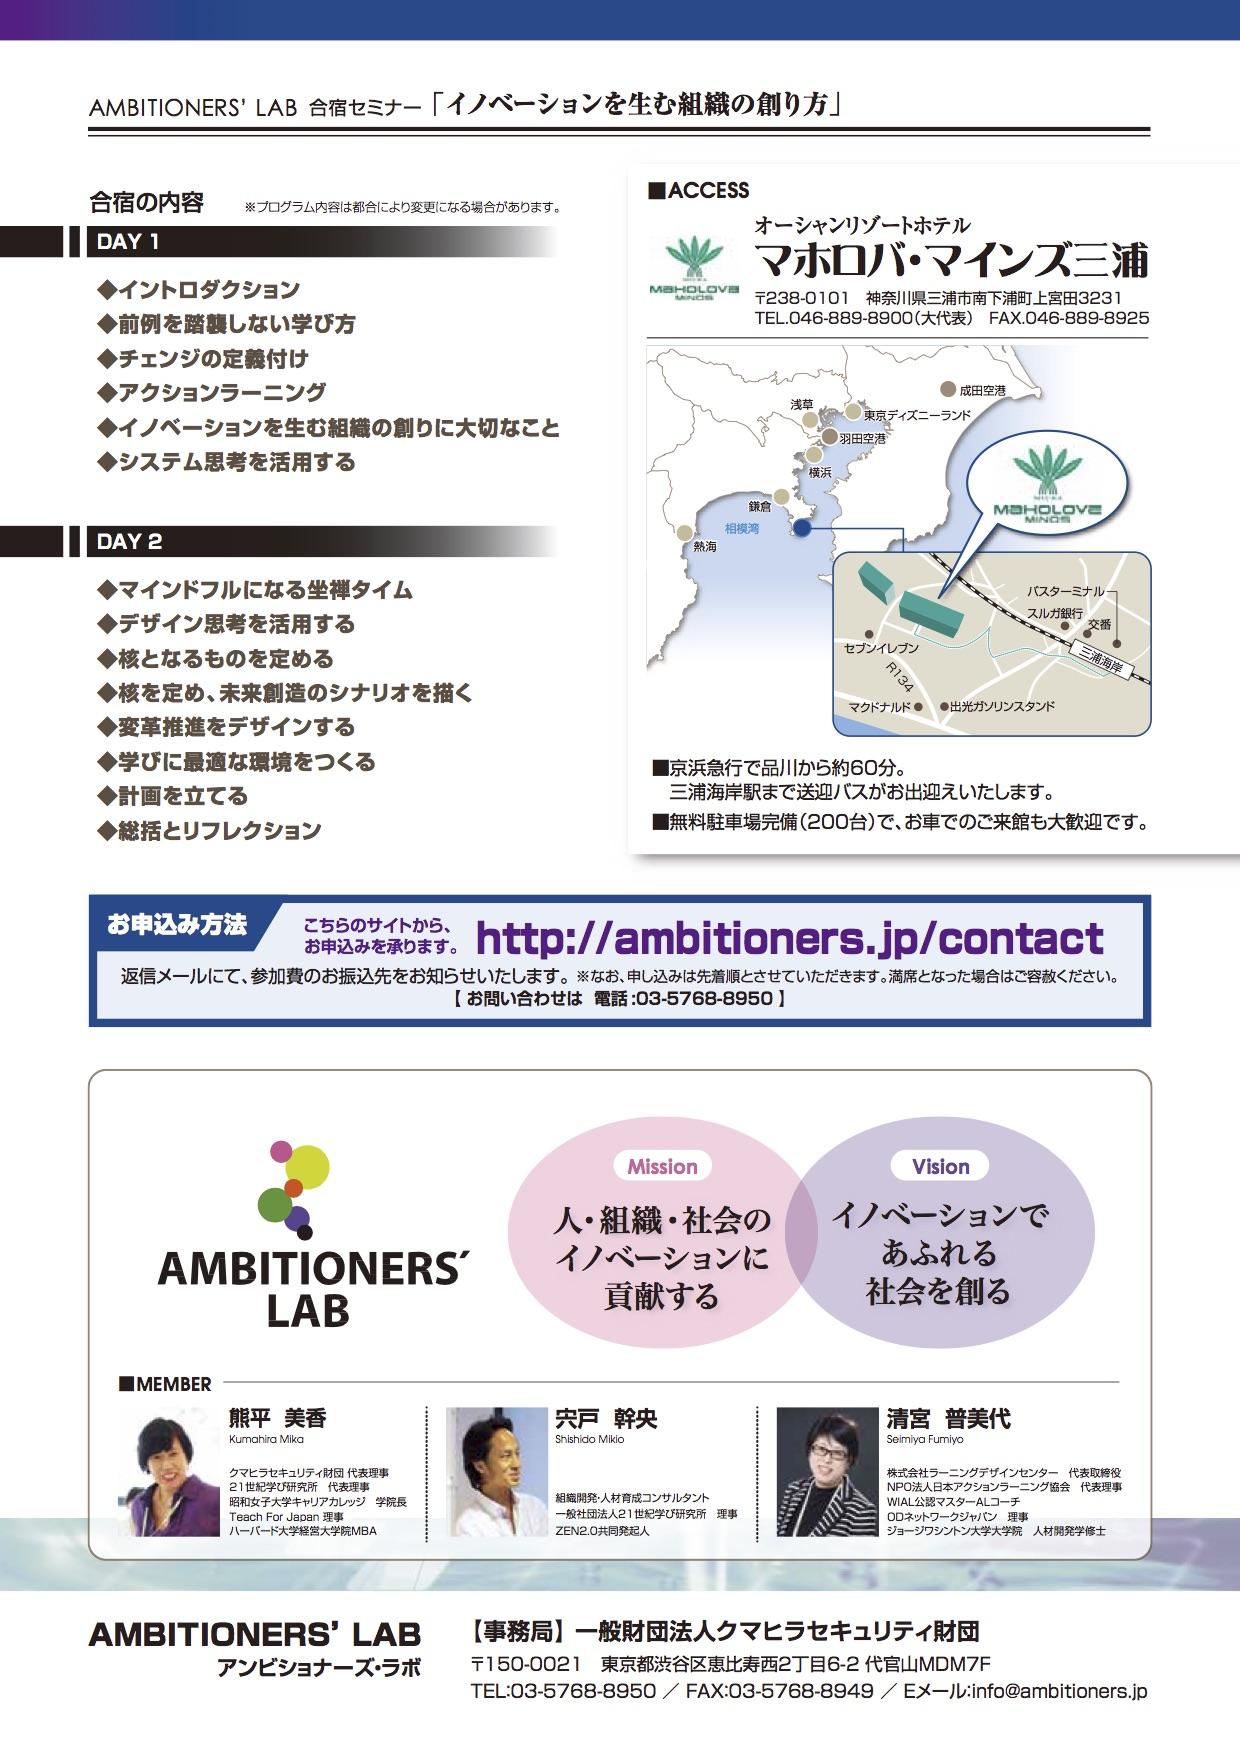 AMBITIONERS' LAB 合宿セミナー 2017.2.25(土)/ 26(日)